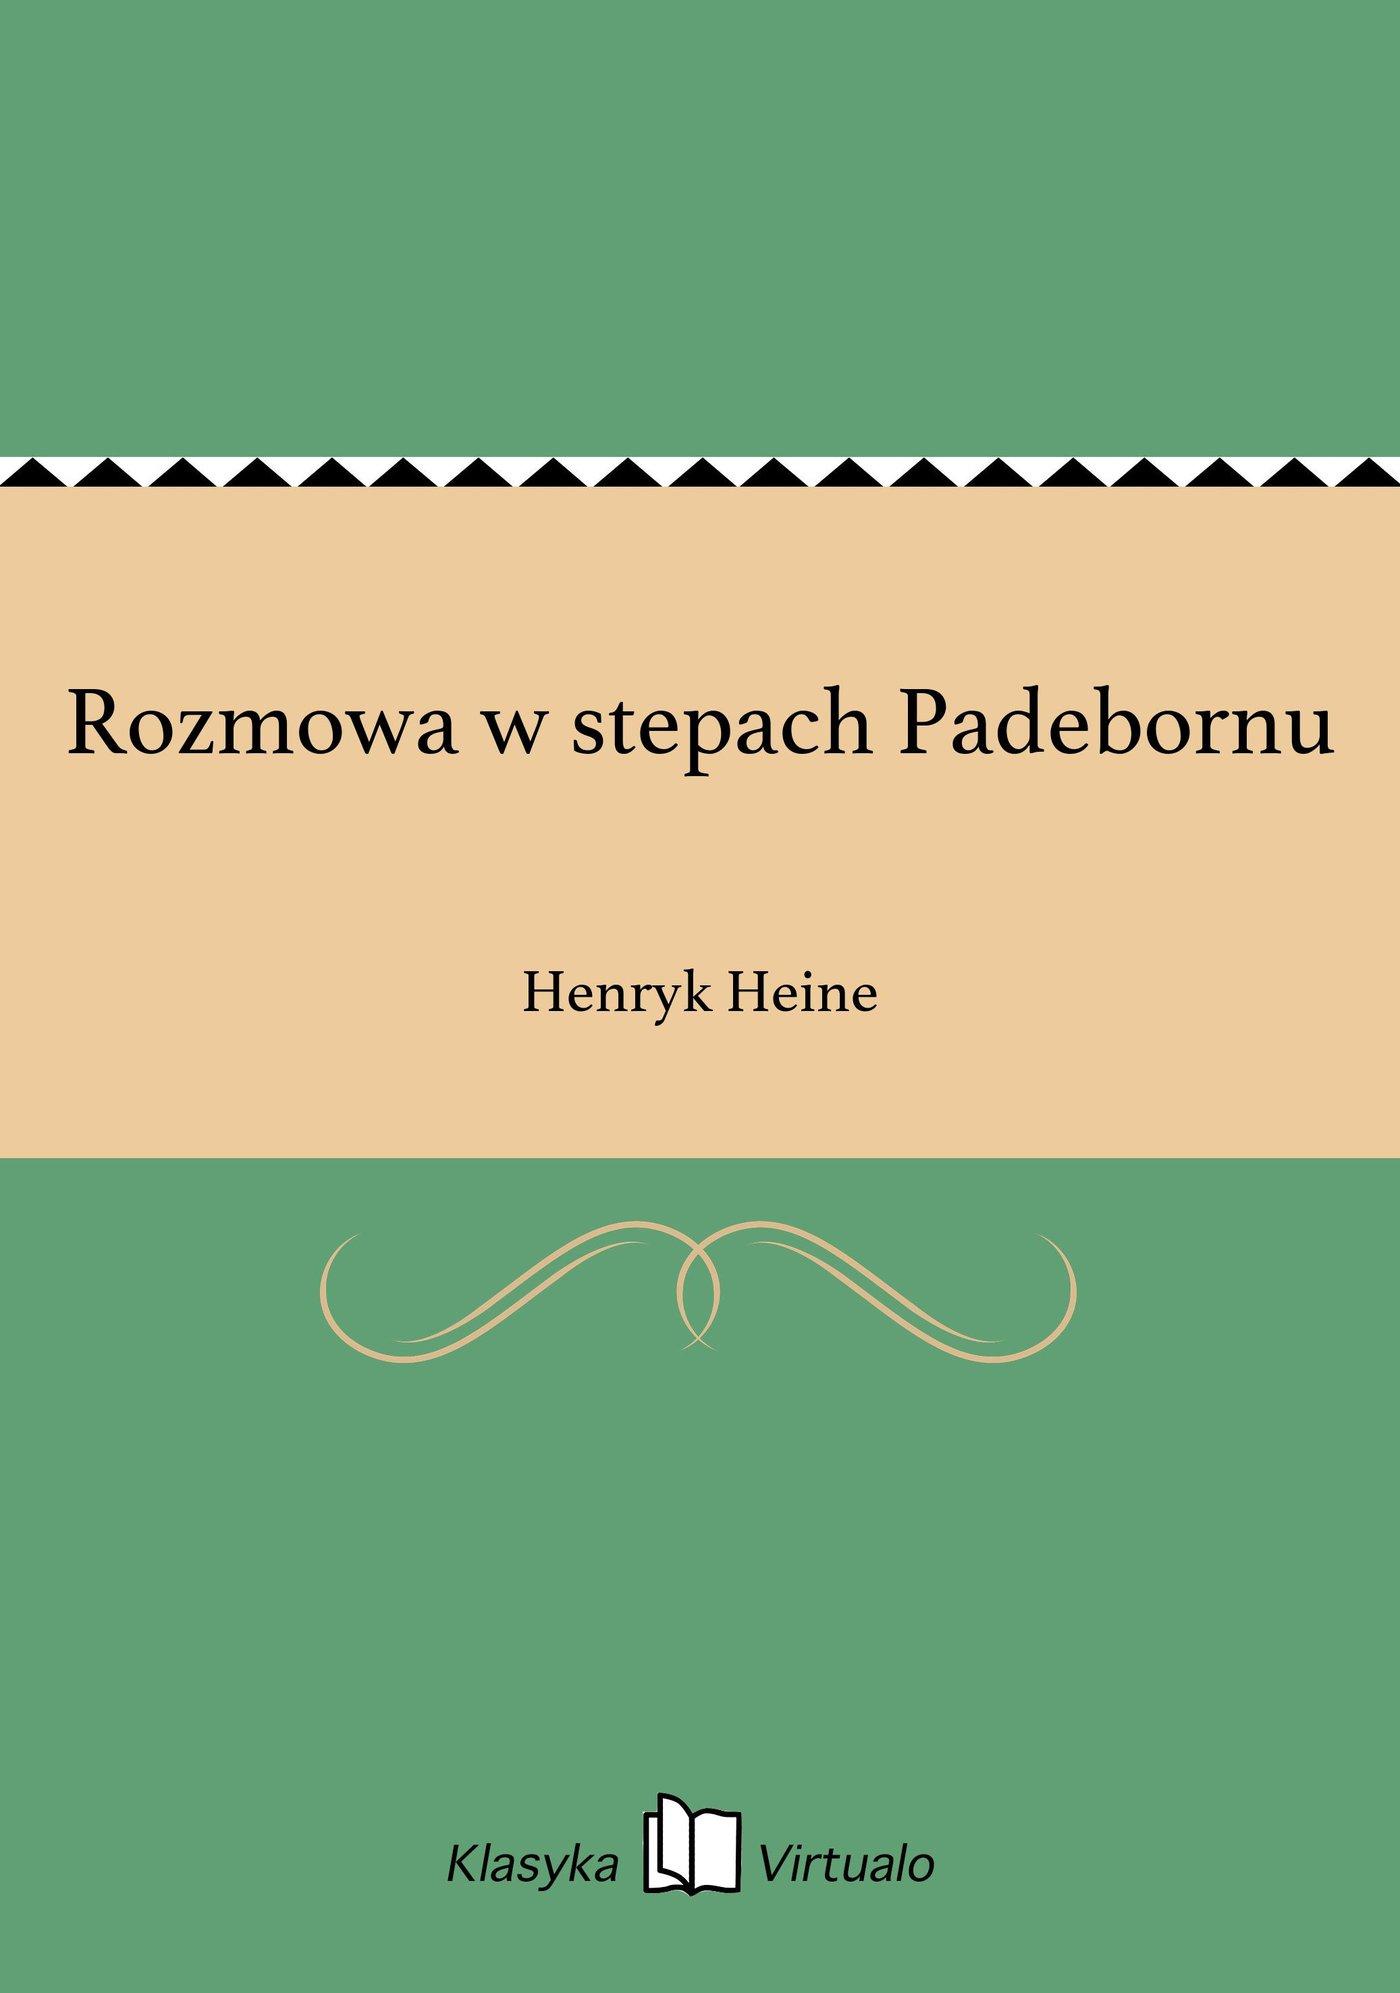 Rozmowa w stepach Padebornu - Ebook (Książka EPUB) do pobrania w formacie EPUB